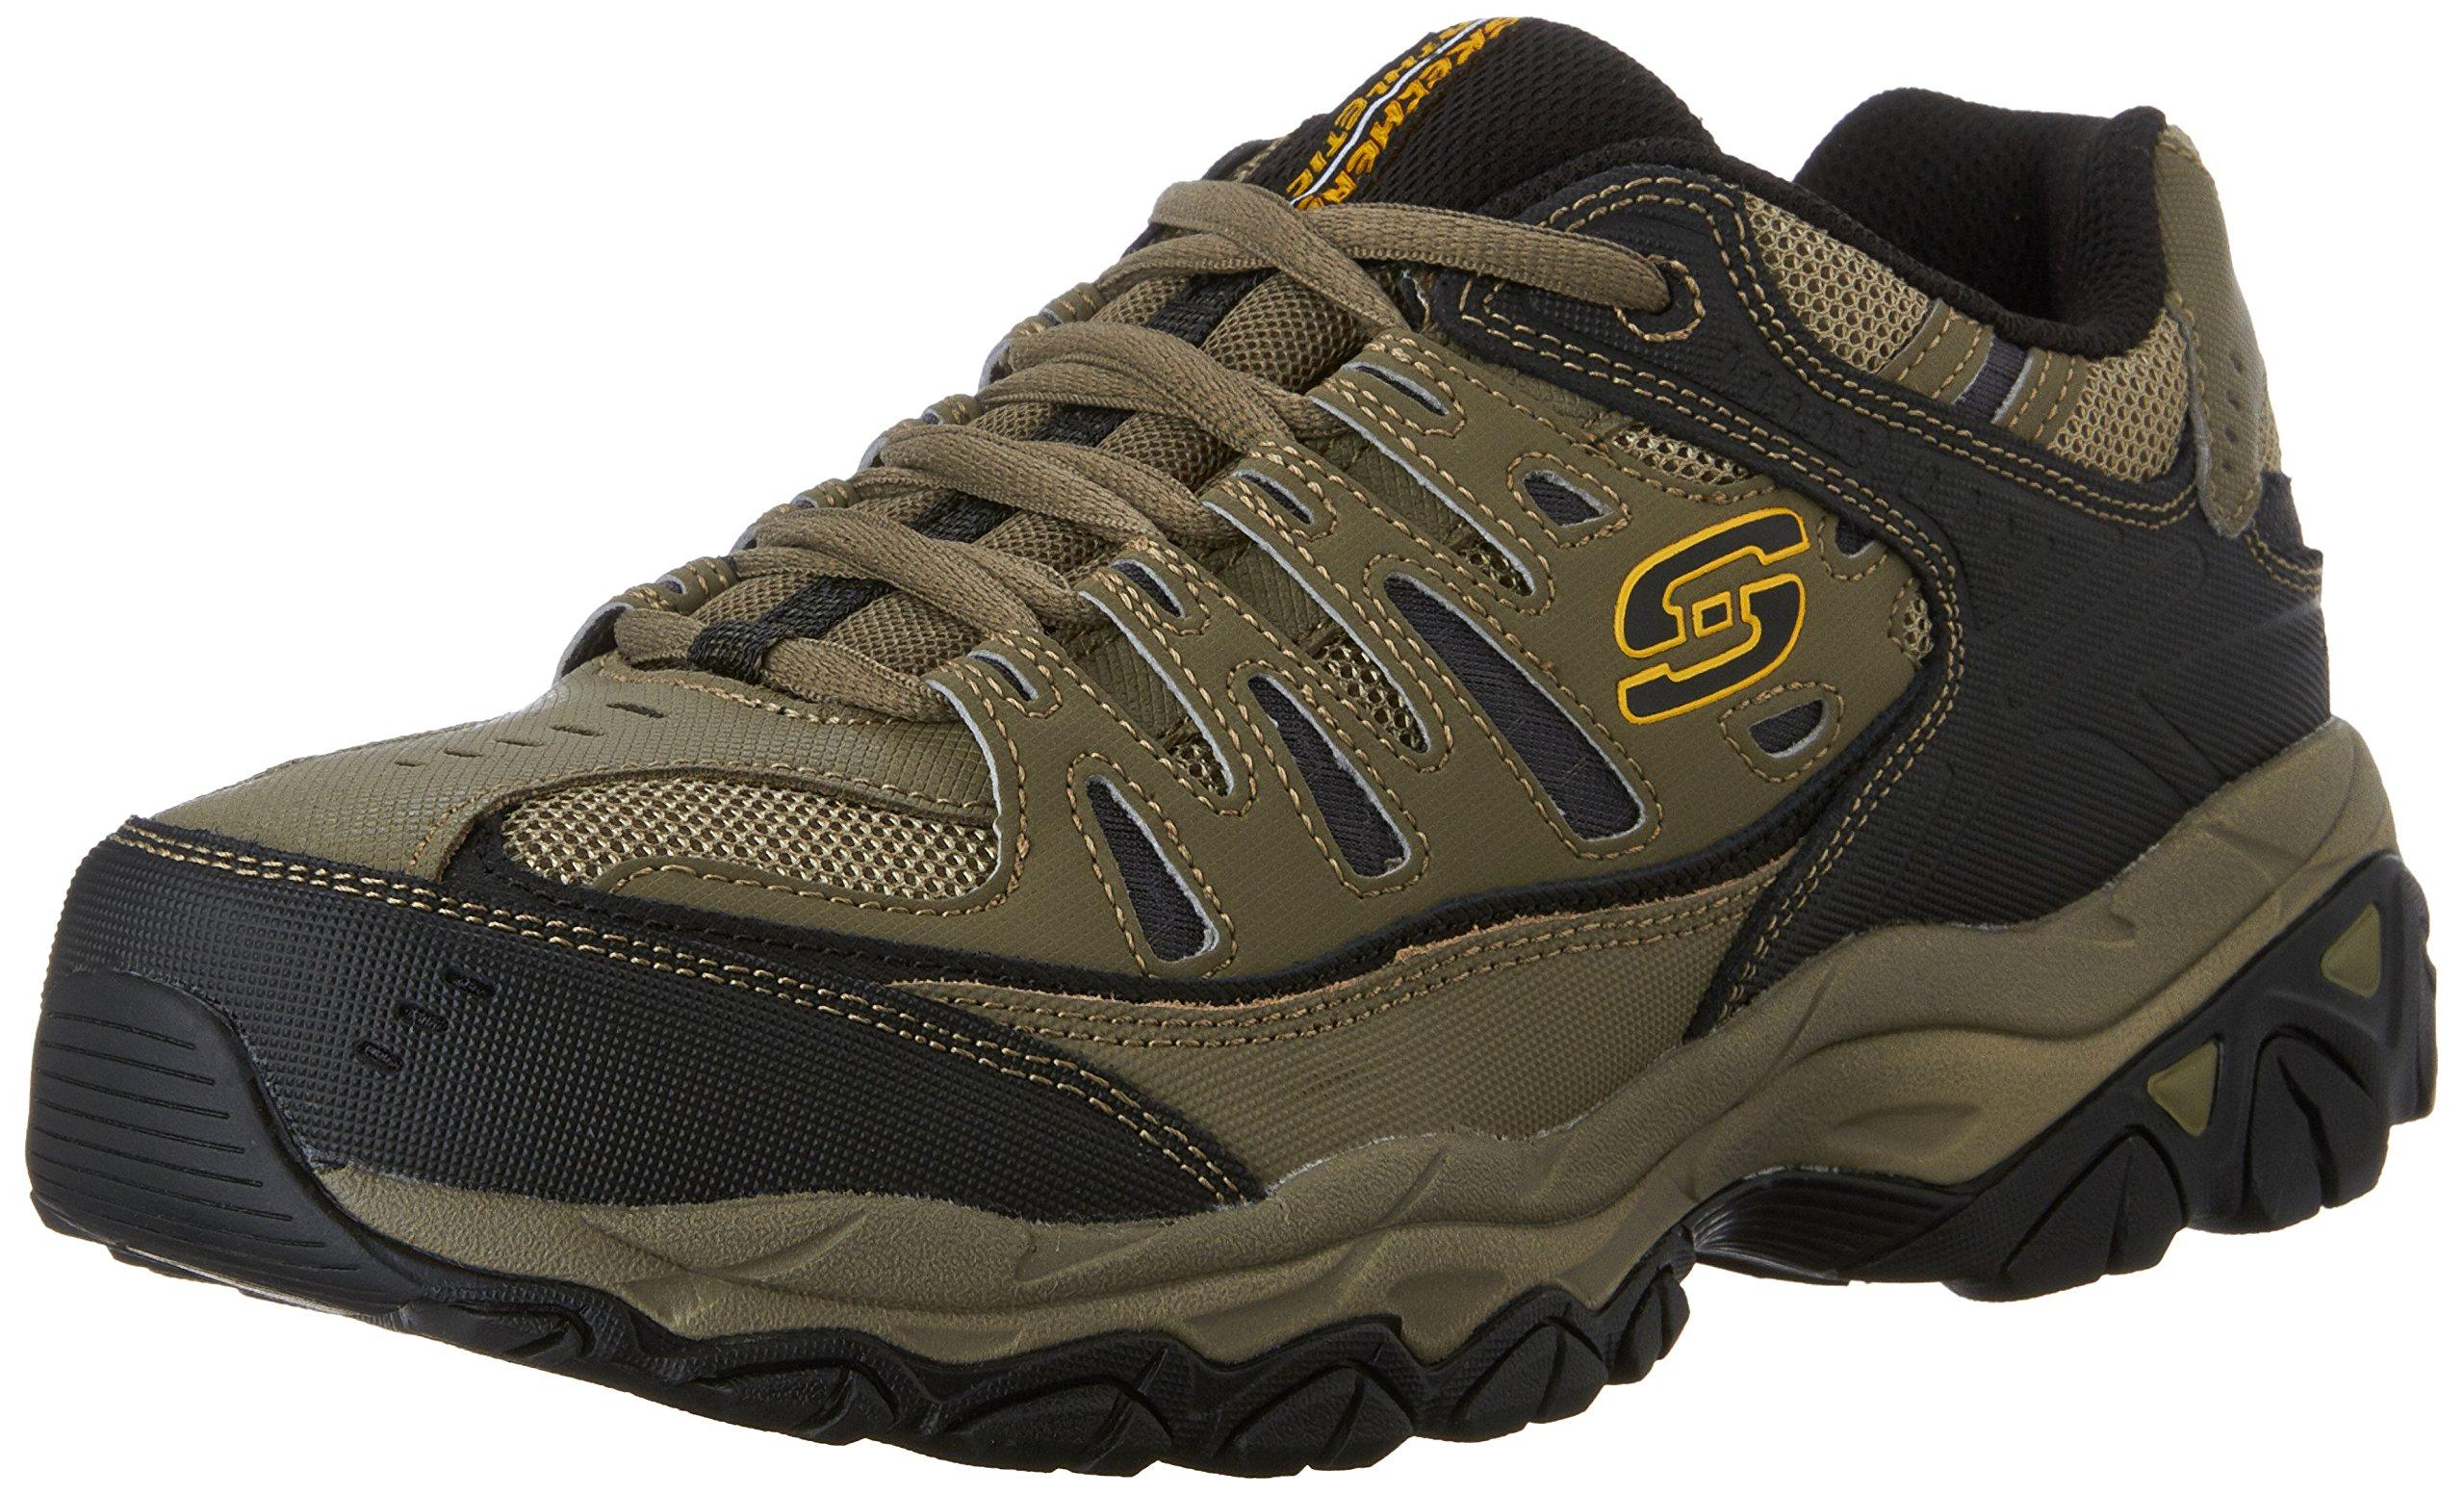 Skechers Sport Men's Afterburn Memory Foam Lace-Up Sneaker, Pebble/Black/Pebble, 7 M US by Skechers